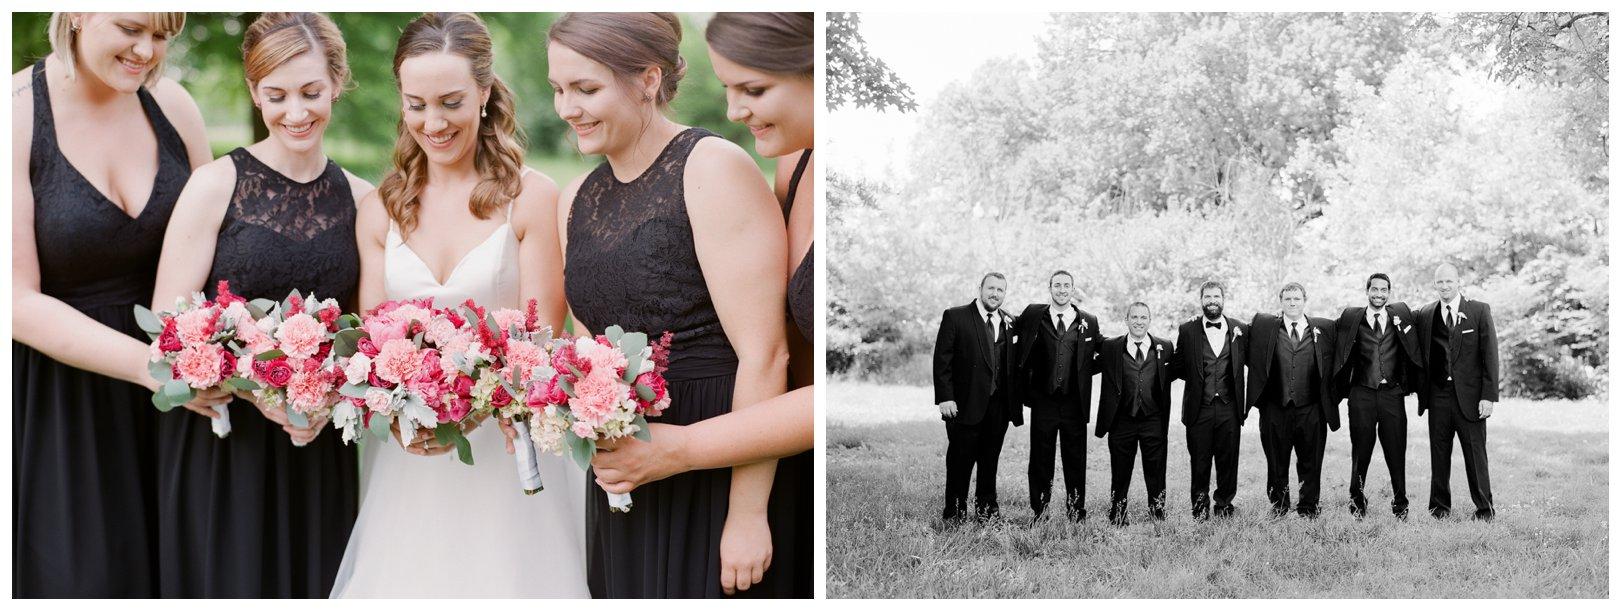 lauren muckler photography_fine art film wedding photography_st louis_photography_1101.jpg